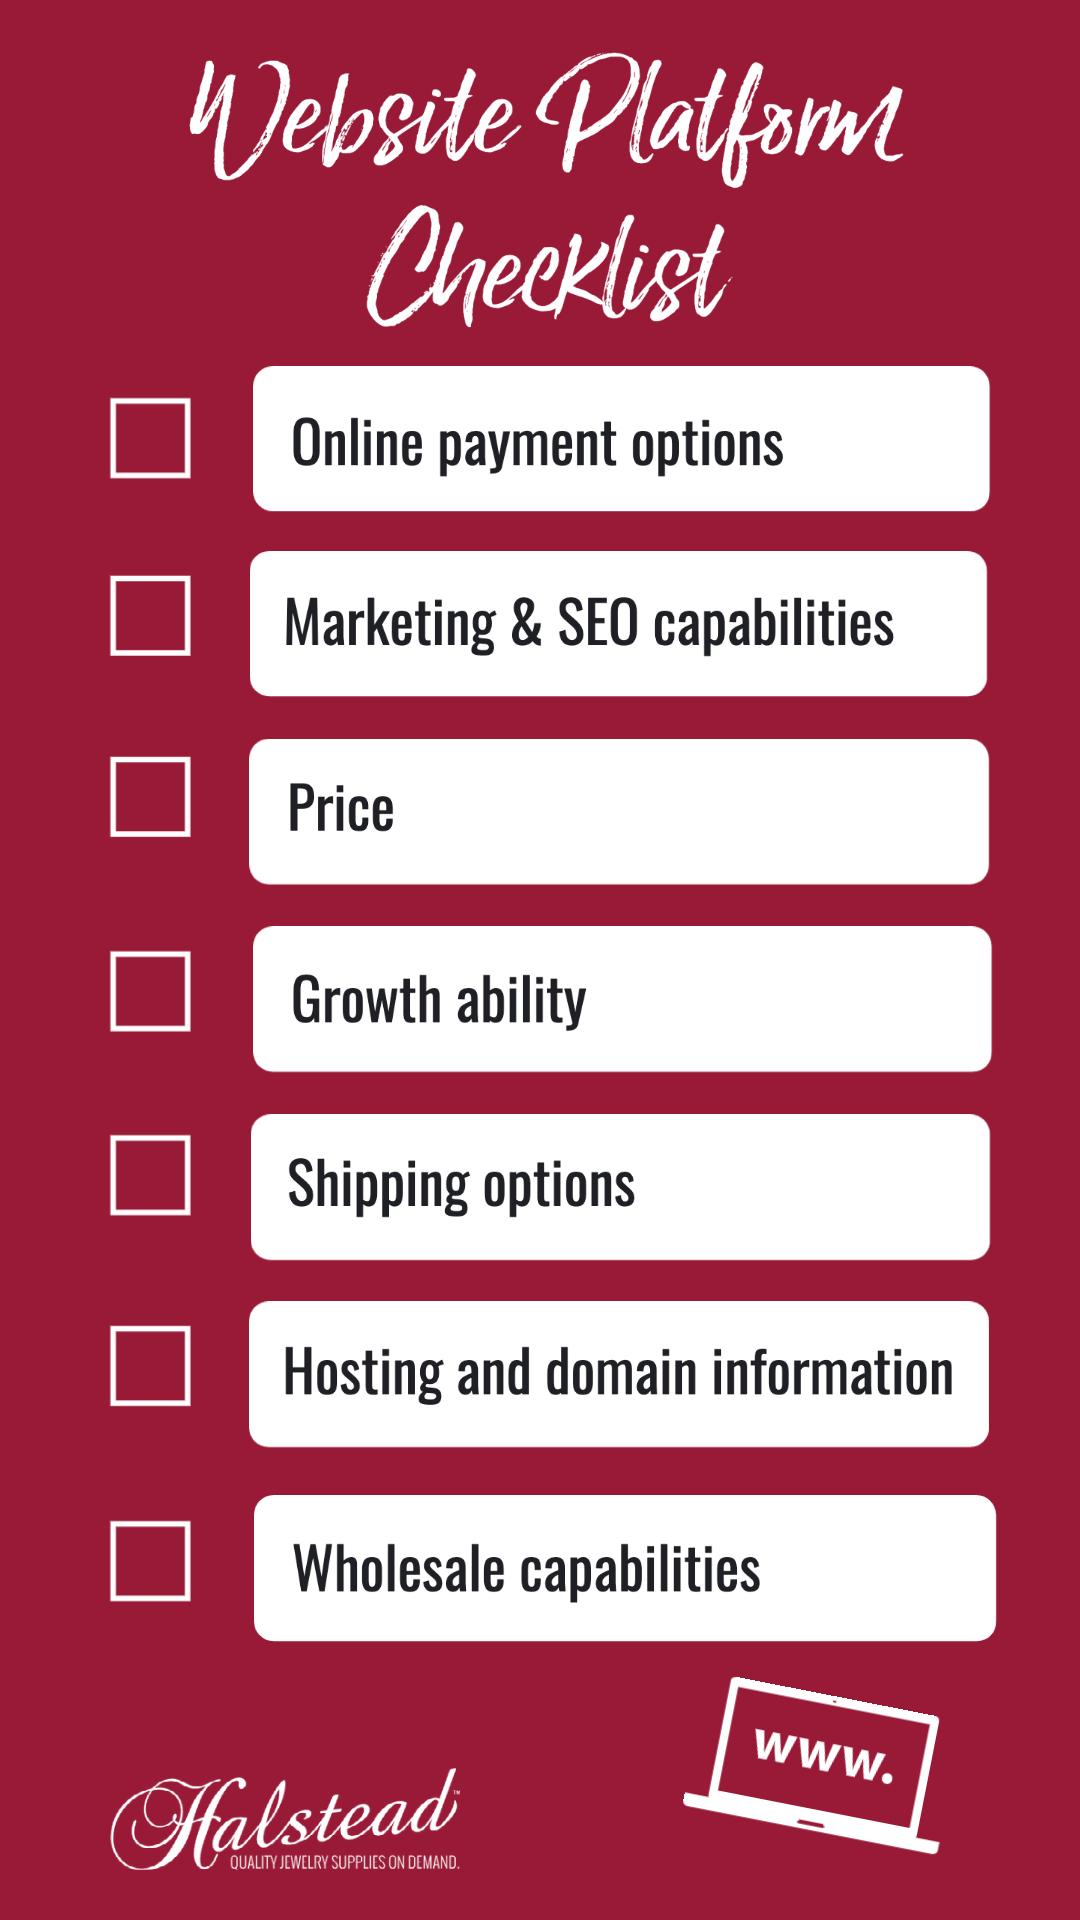 Website Platform Checklist